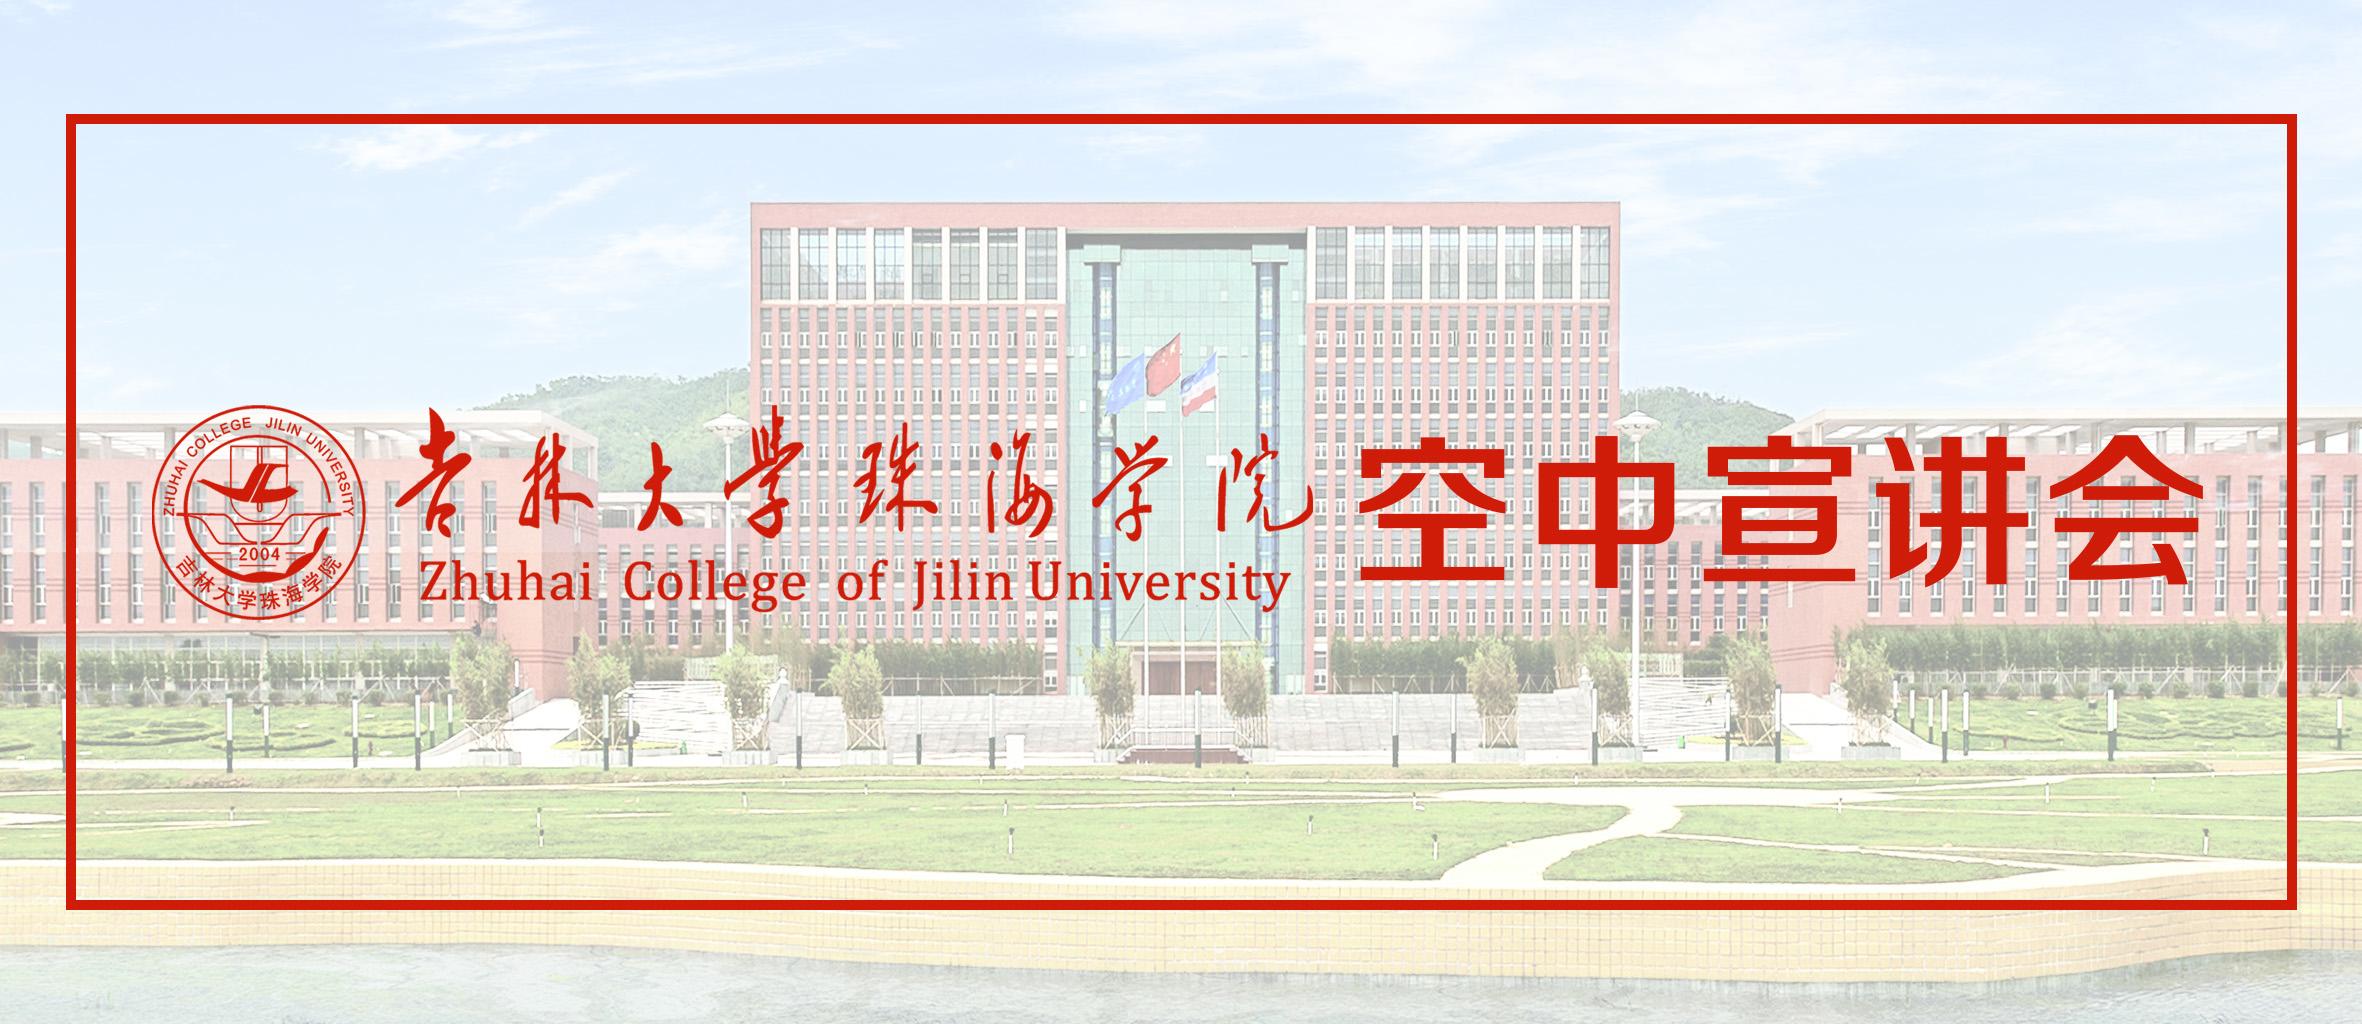 吉林大学珠海学院空中宣讲会